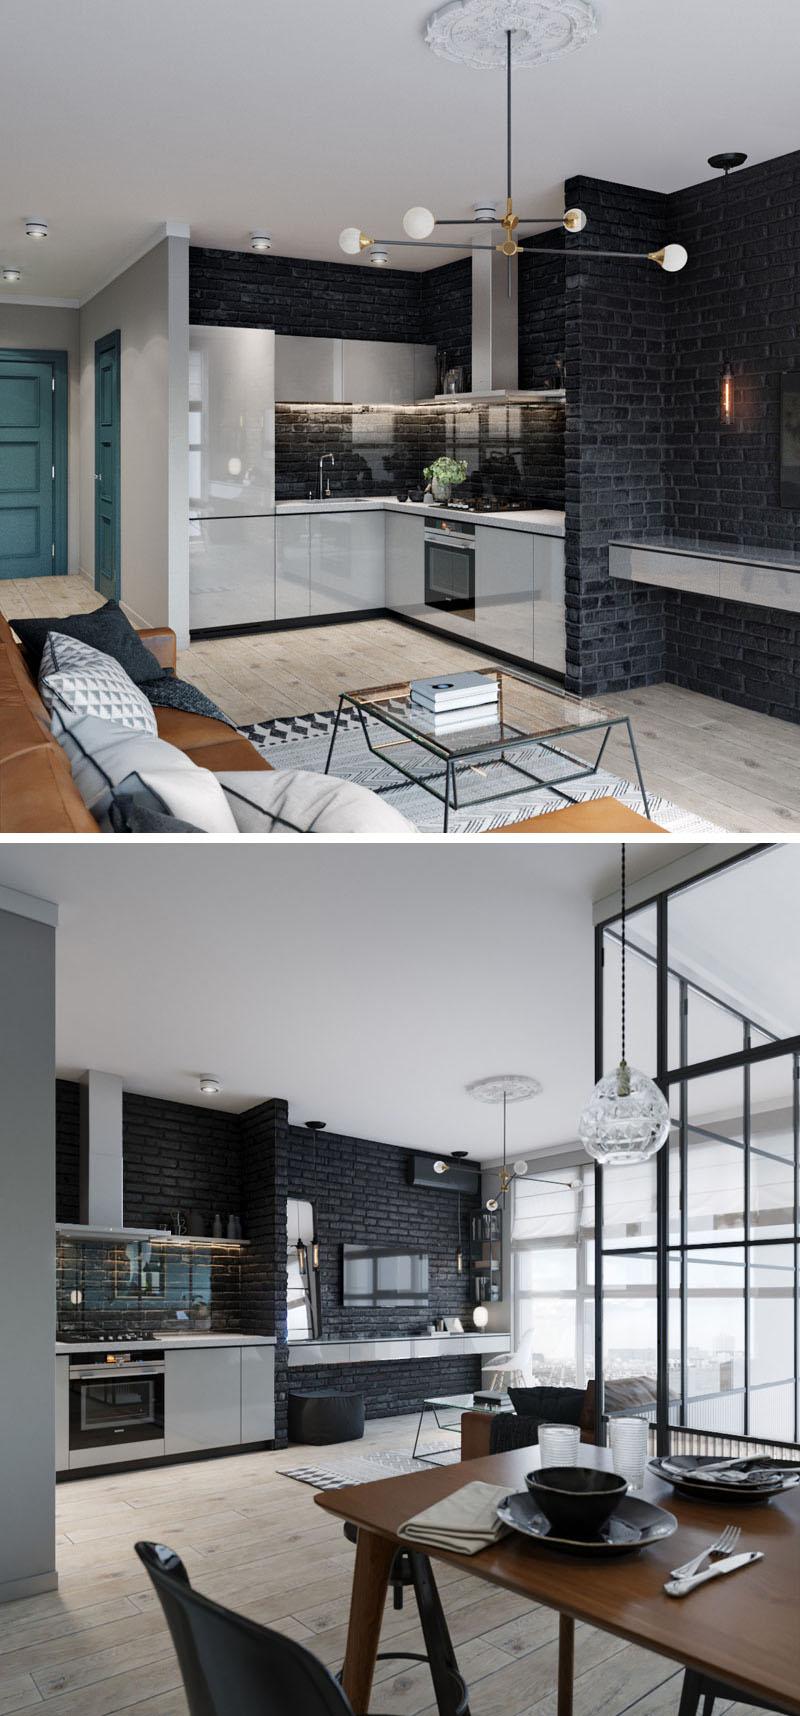 small corner kitchen white cabinets 170517 924 02 1 - CĂN HỘ RỘNG HƠN VỚI KHUNG KÍNH ĐEN THAY CHO VÁCH NGĂN